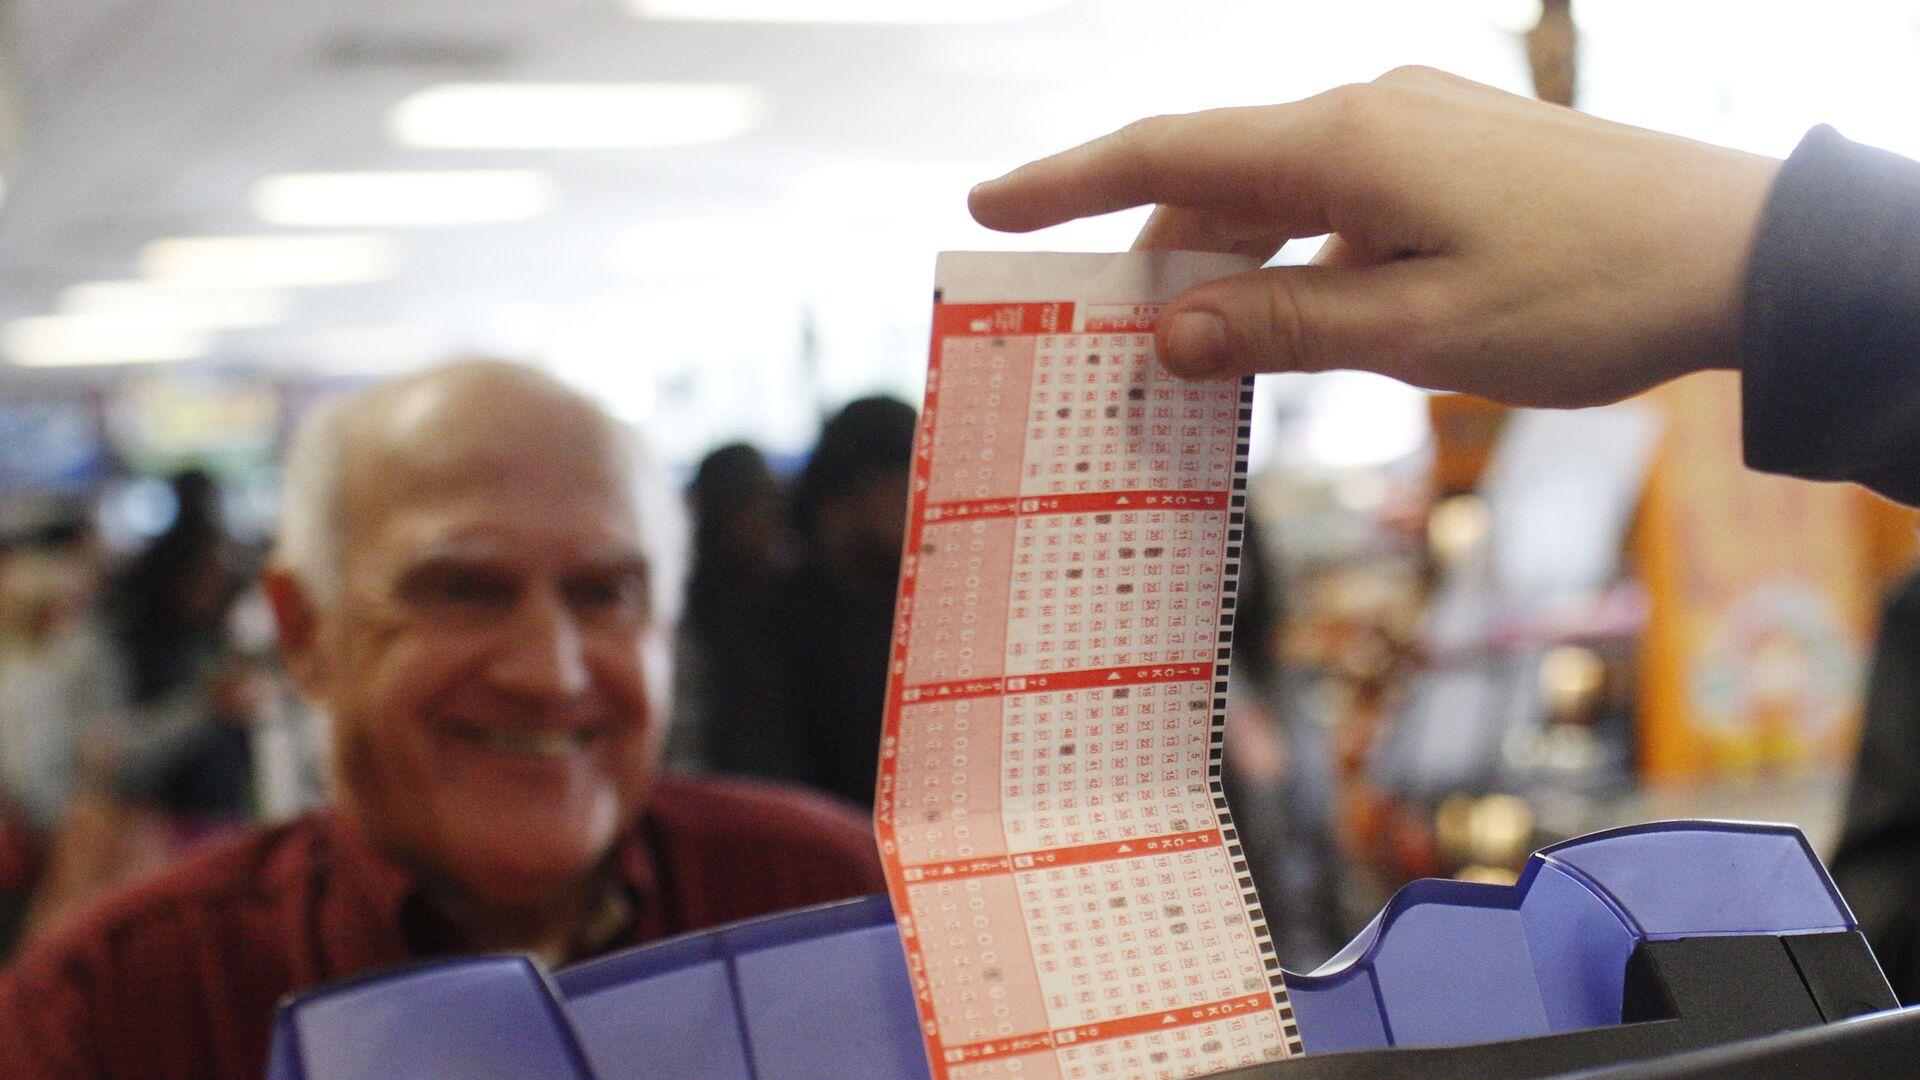 Мужчина покупает лотерейный билет Powerball максимальный выигрыш которой на данный момент составляет 1,5 миллиарда долларов - РИА Новости, 1920, 14.05.2021